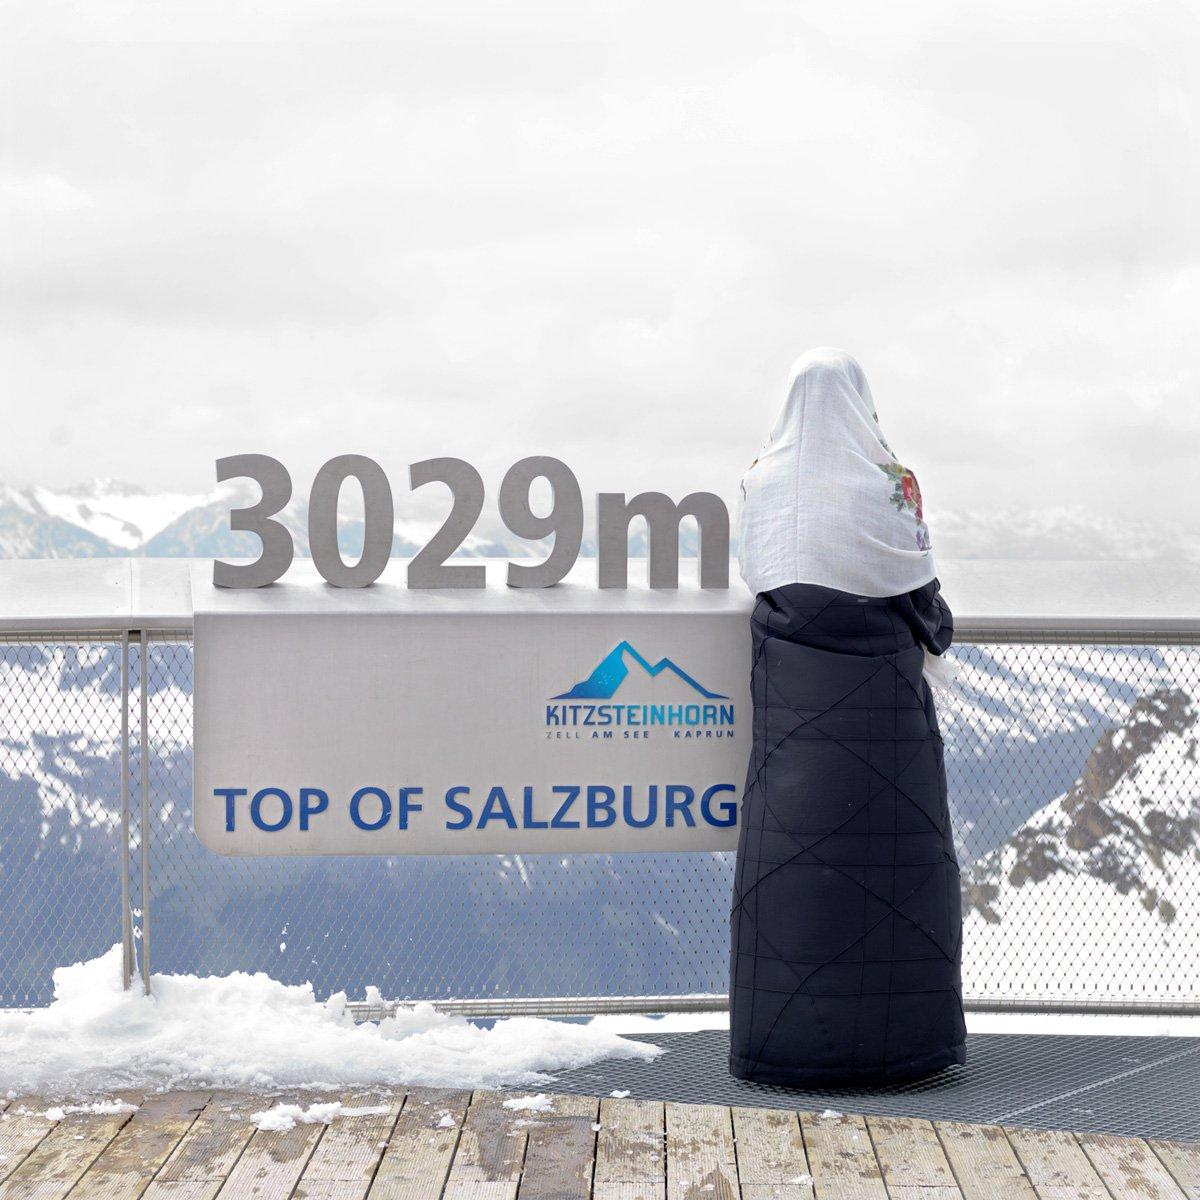 Turistas do Oriente Médio invadem cidade idílica alpina para escapar do calor do verão escaldante 19